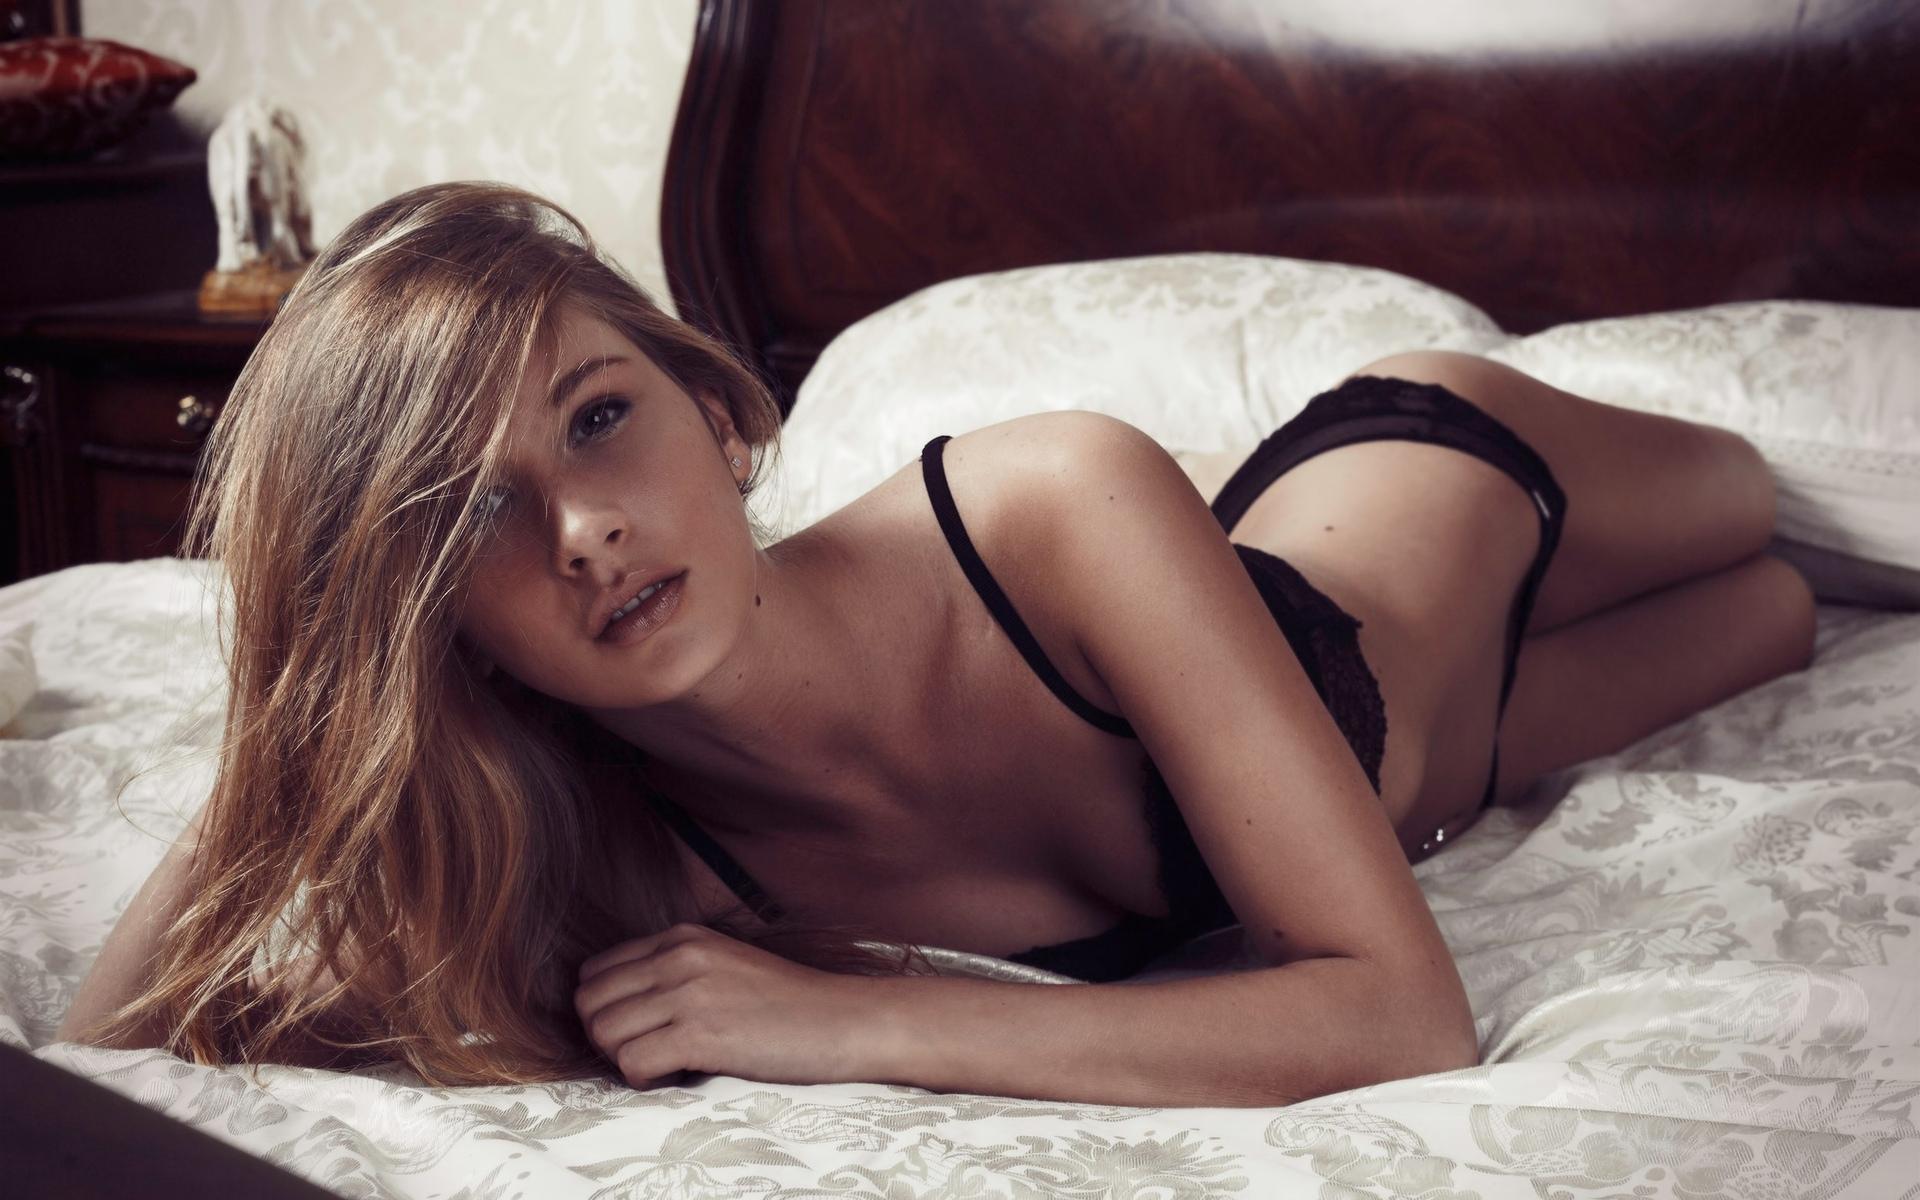 женщины, блондинка, в постели, черное белье, живот, смотрит на зрителя, брюнетка, расщепление, хорошо, трусики, нижнее белье